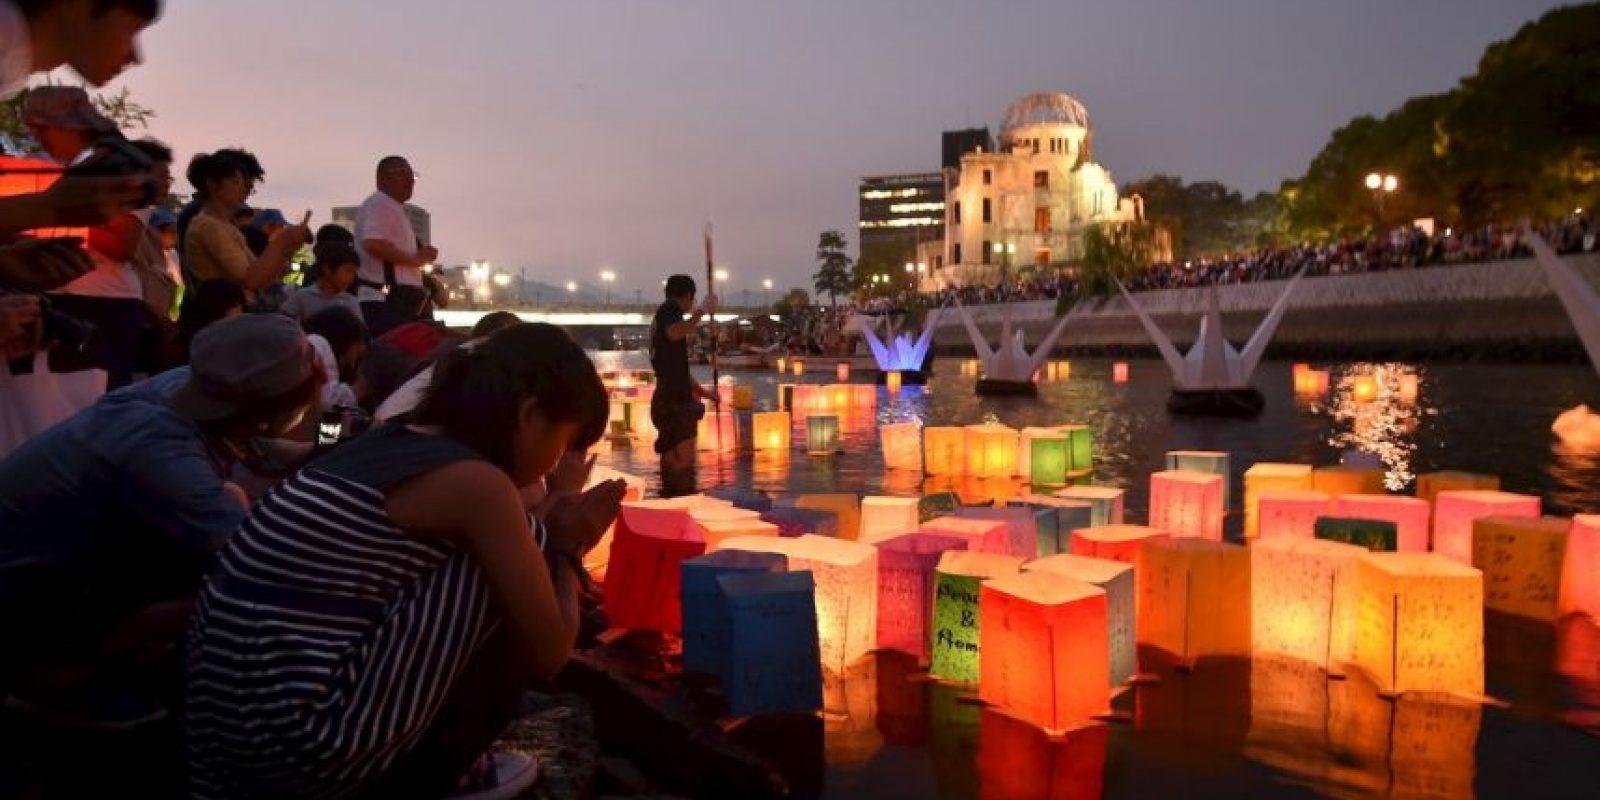 Recuerdan a los fallecidos tras la bomba en Hiroshima. Foto:AFP